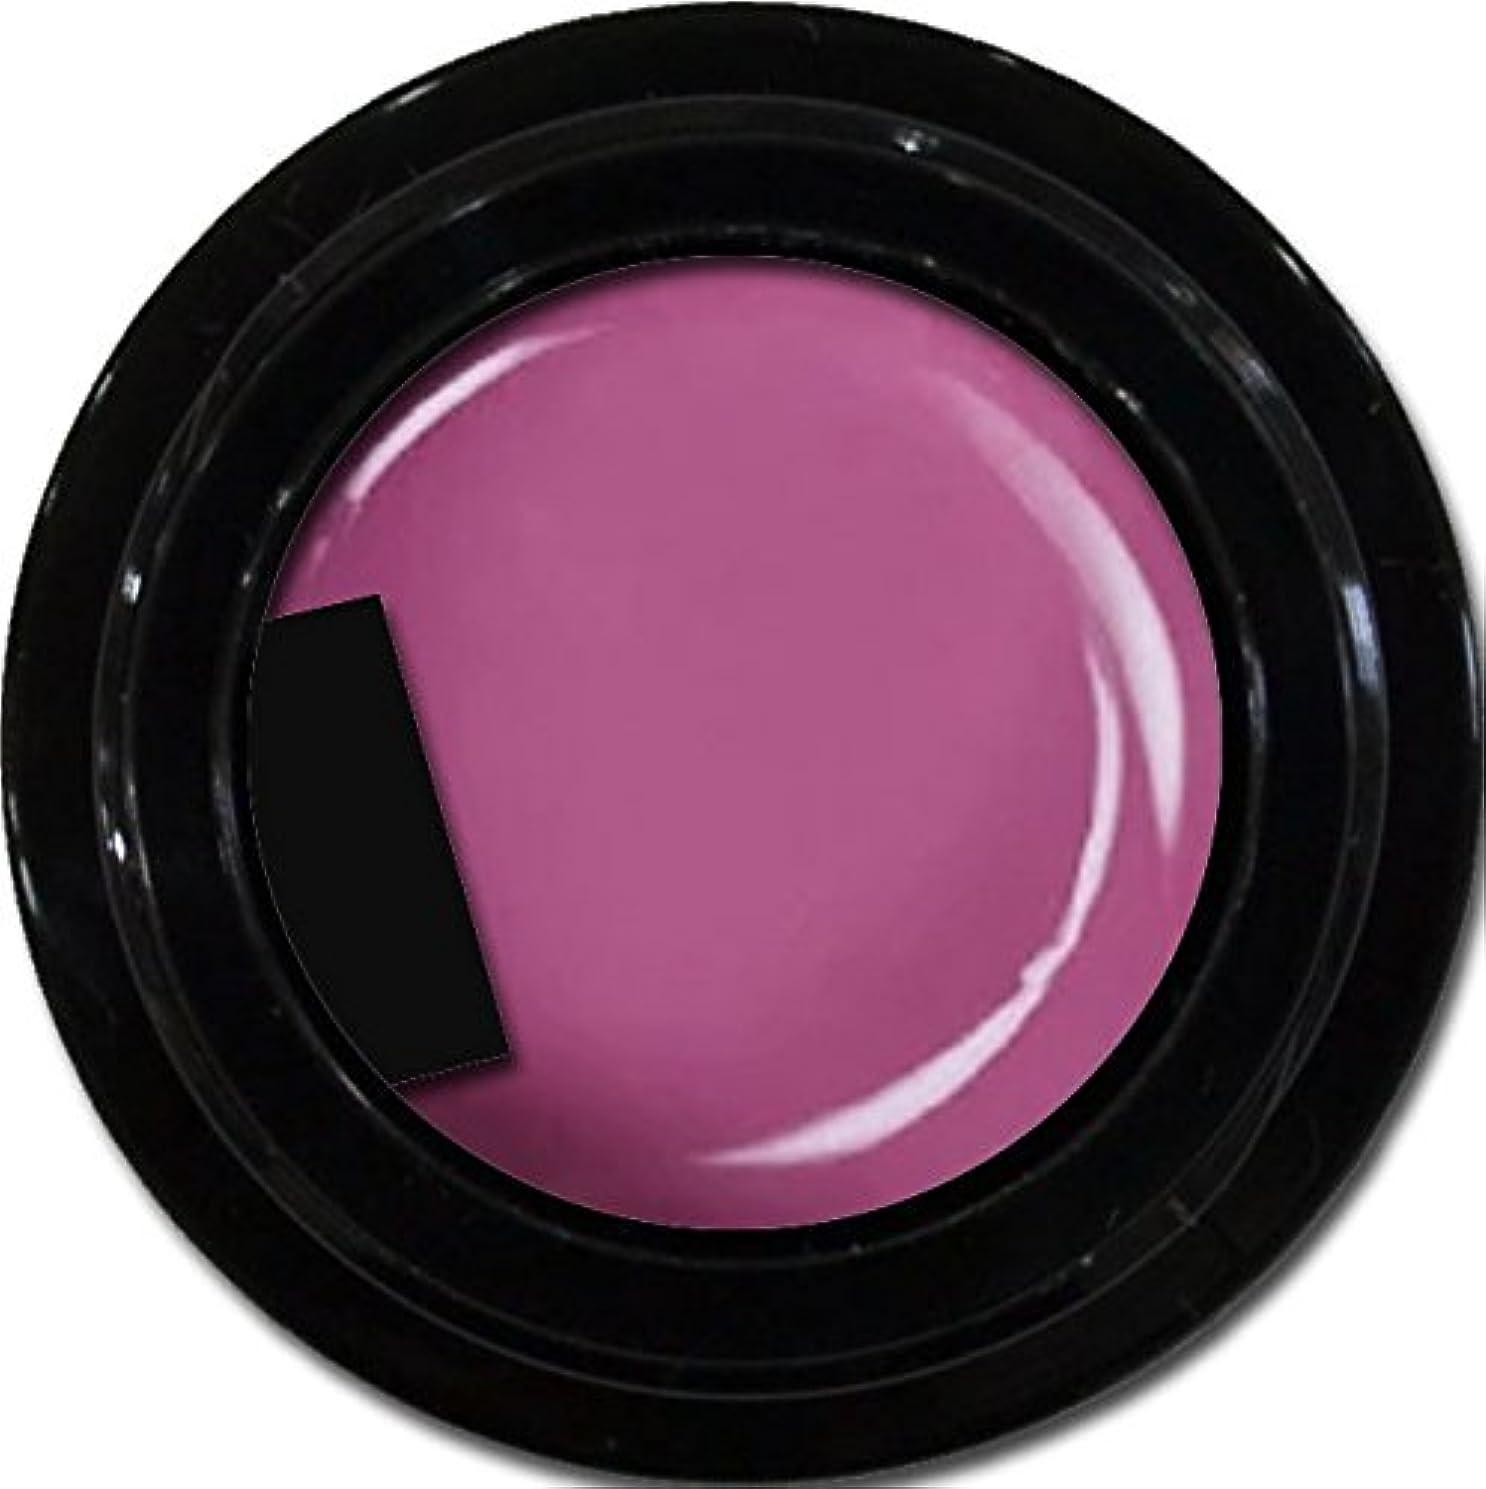 ローマ人リーガングラフカラージェル enchant color gel M513 RubyViolet3g/ マットカラージェル M513ルビーヴァイオレット 3グラム